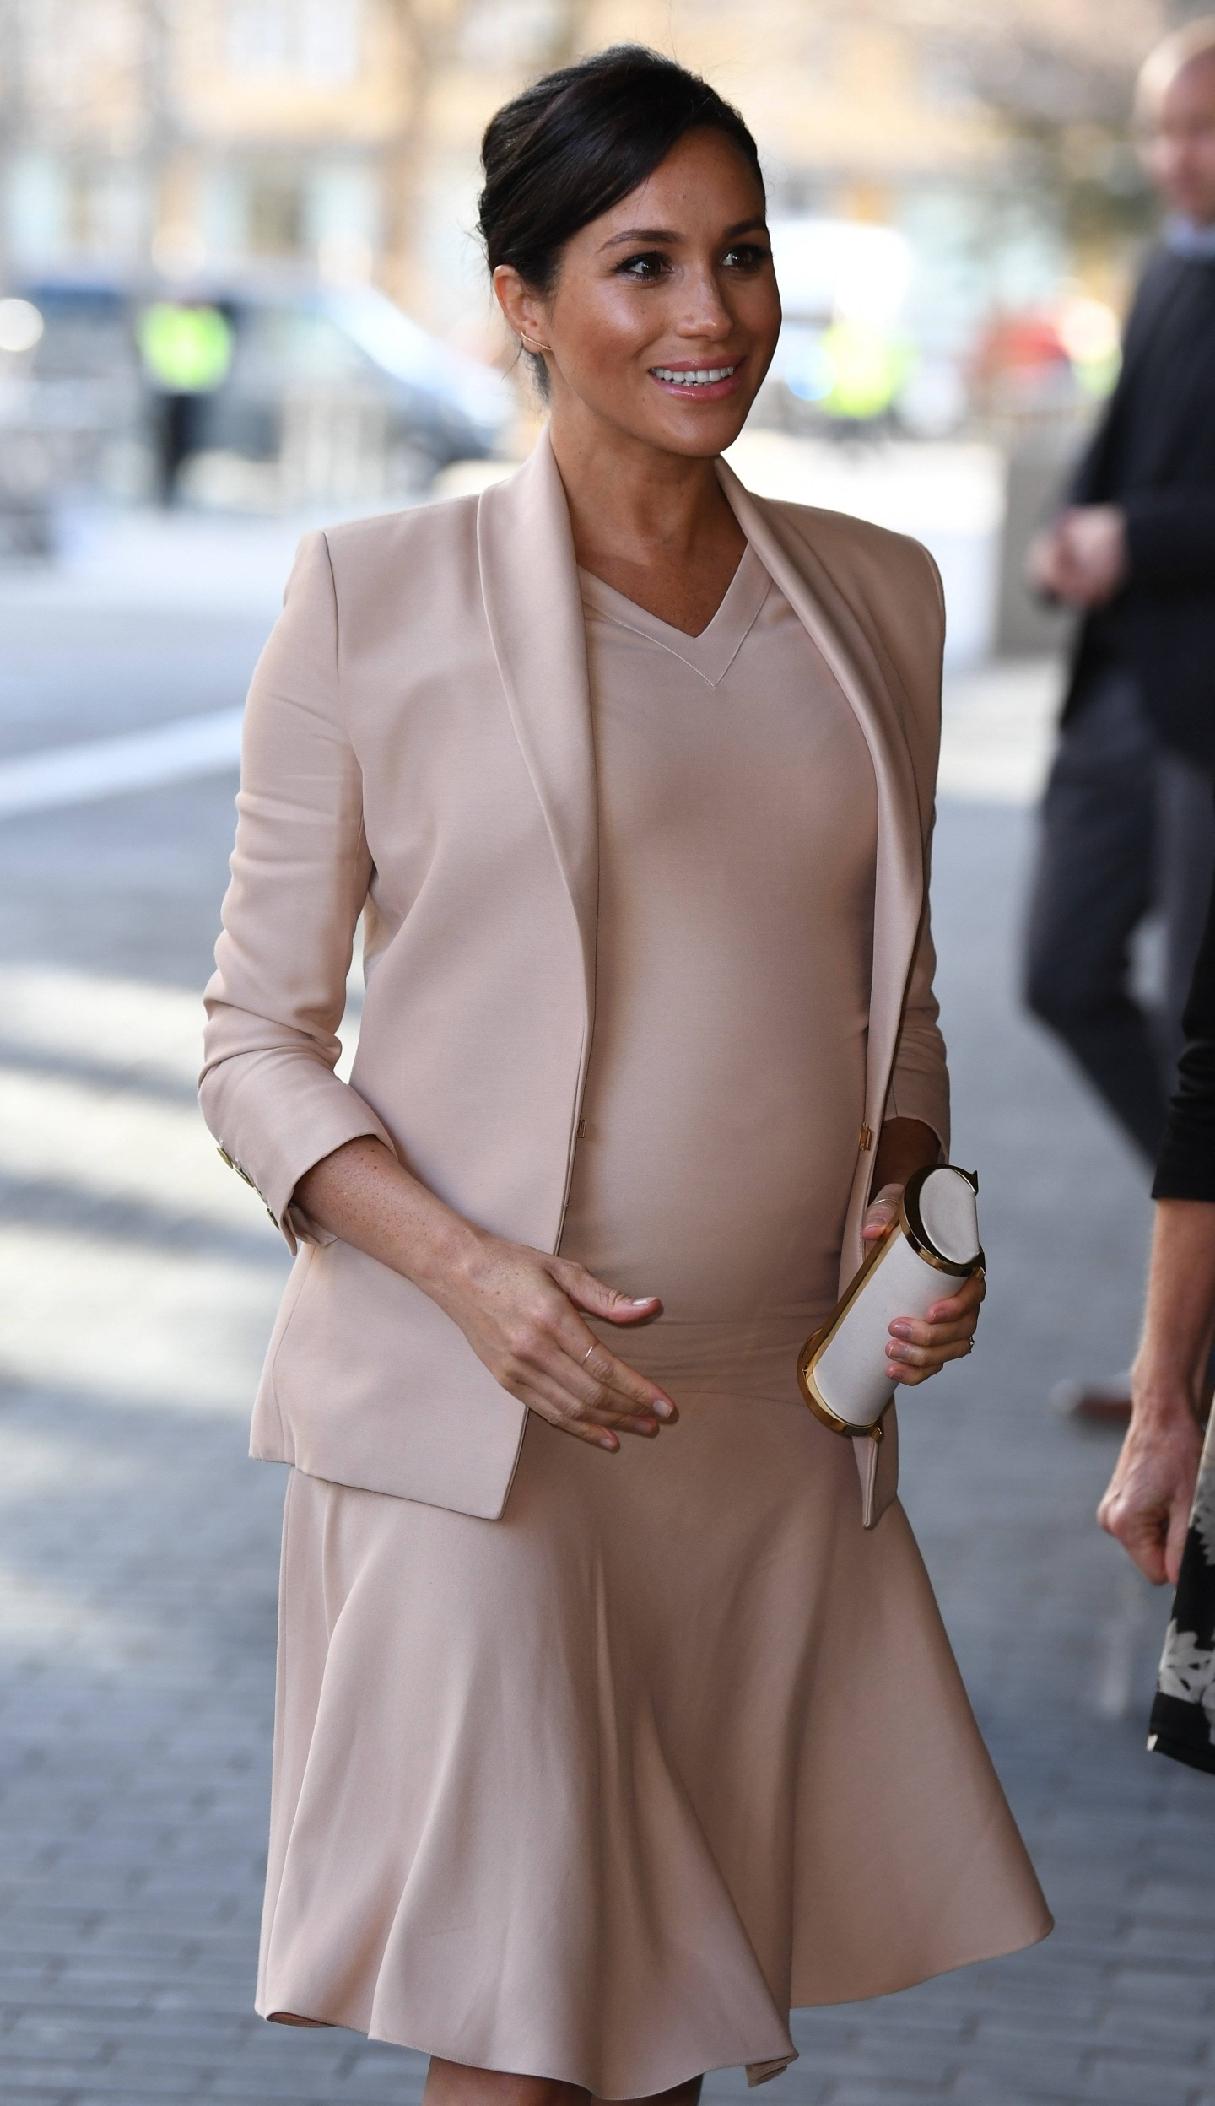 原創             梅根王妃終於換對氣質髮型,首選v領傘裙甜美高級,踩綁帶鞋更美 形象穿搭 第11張